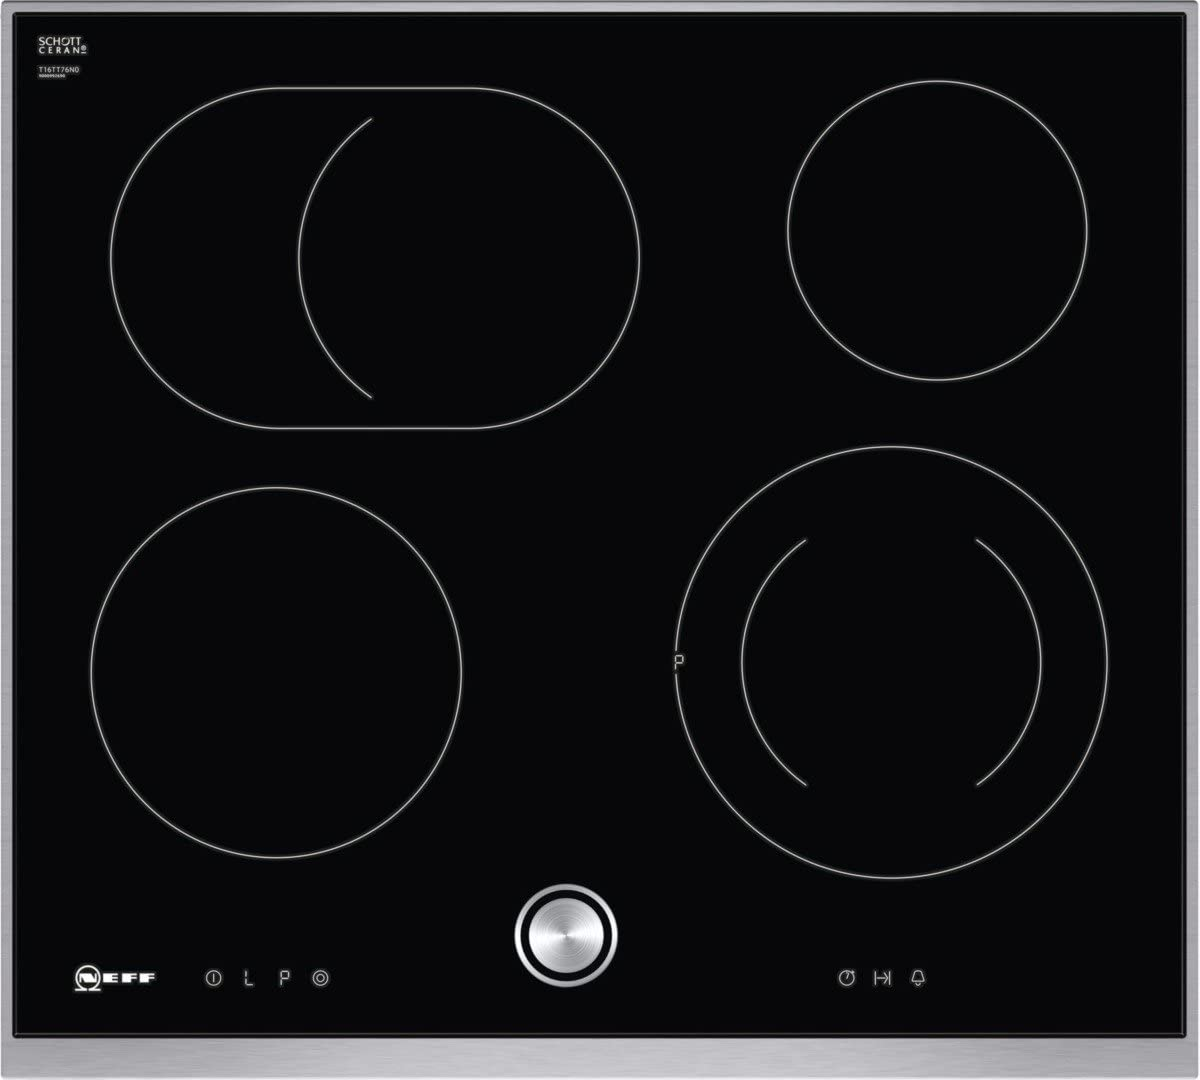 Neff t16bt76 N0 hobs eléctrico/vitrocerámica/vidrio y cerámica/58,30 cm/interfaz de cocina vitrocerámica/vidrio y cerámica/Negro